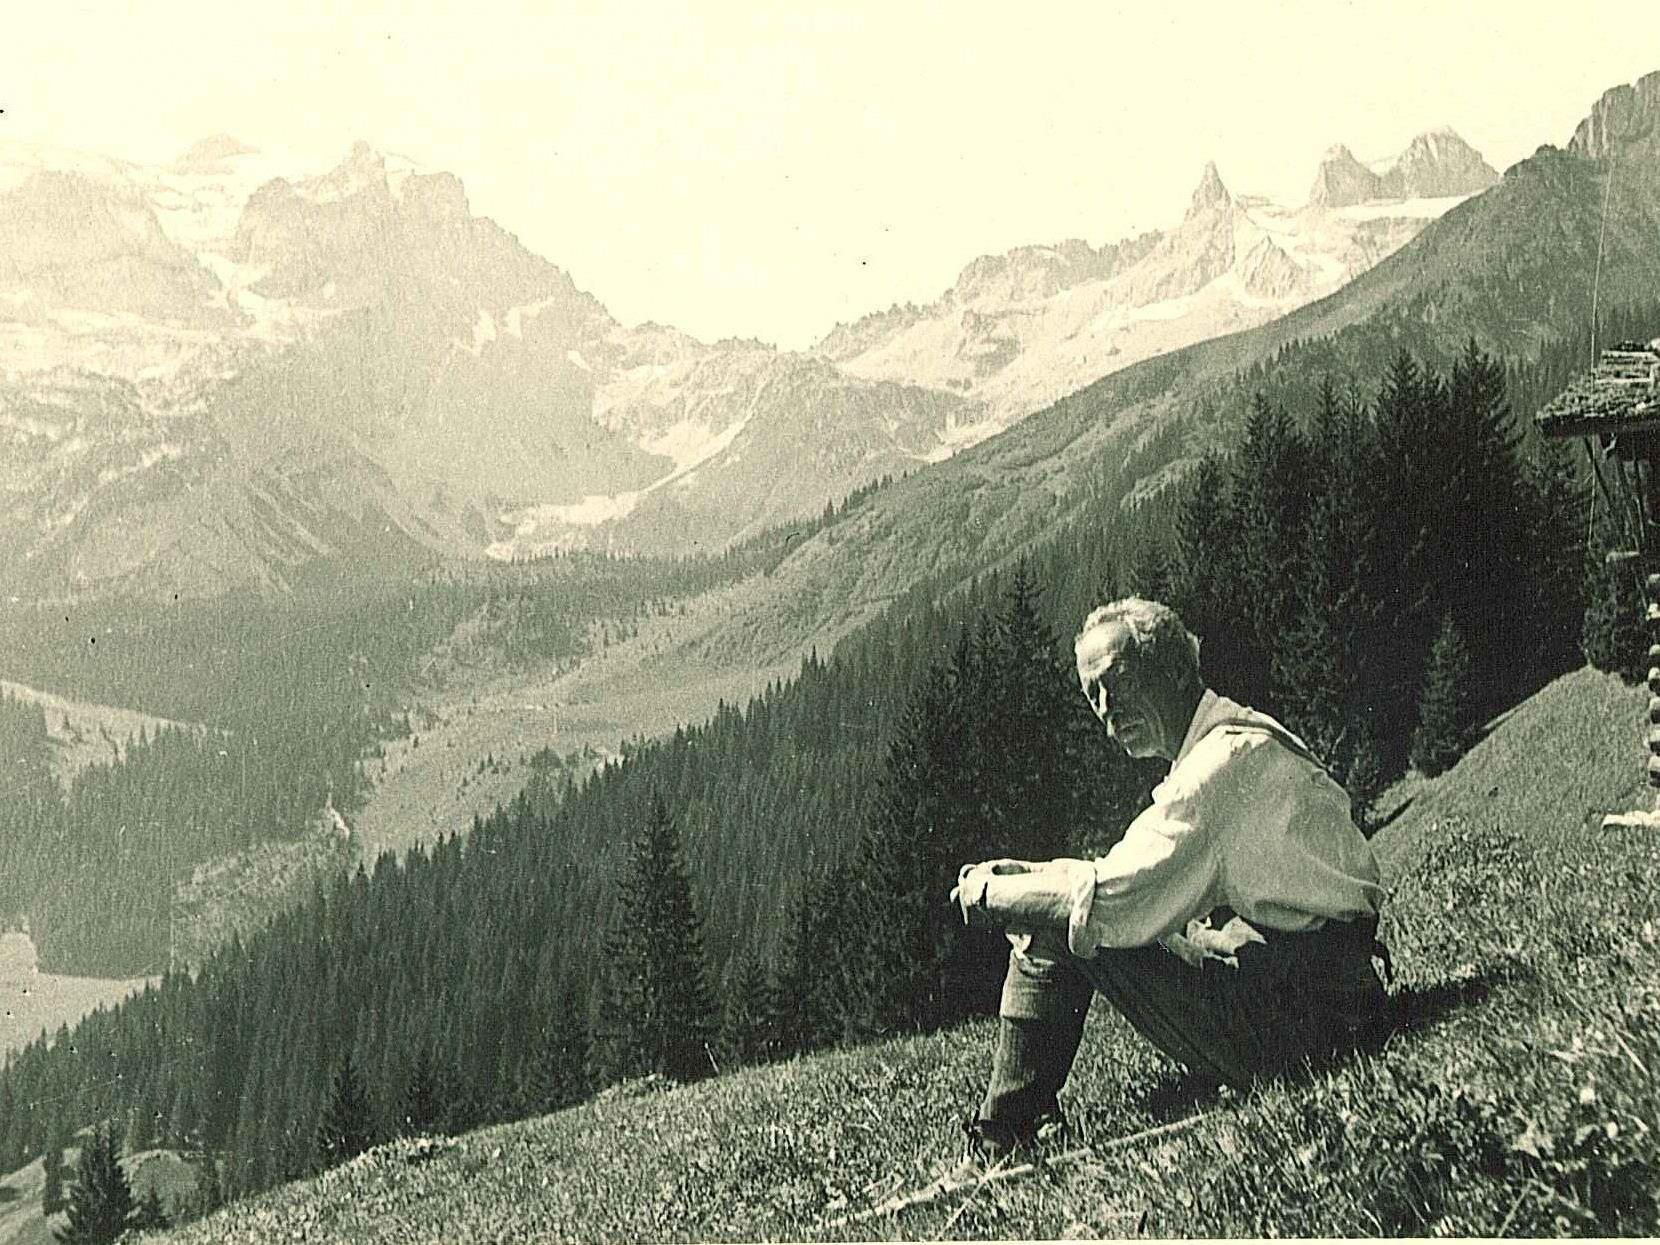 Einen Vortrag gibt es z.B. über das Leben und Werk des Sport- und Höhenphysiologen Arnold Durig.